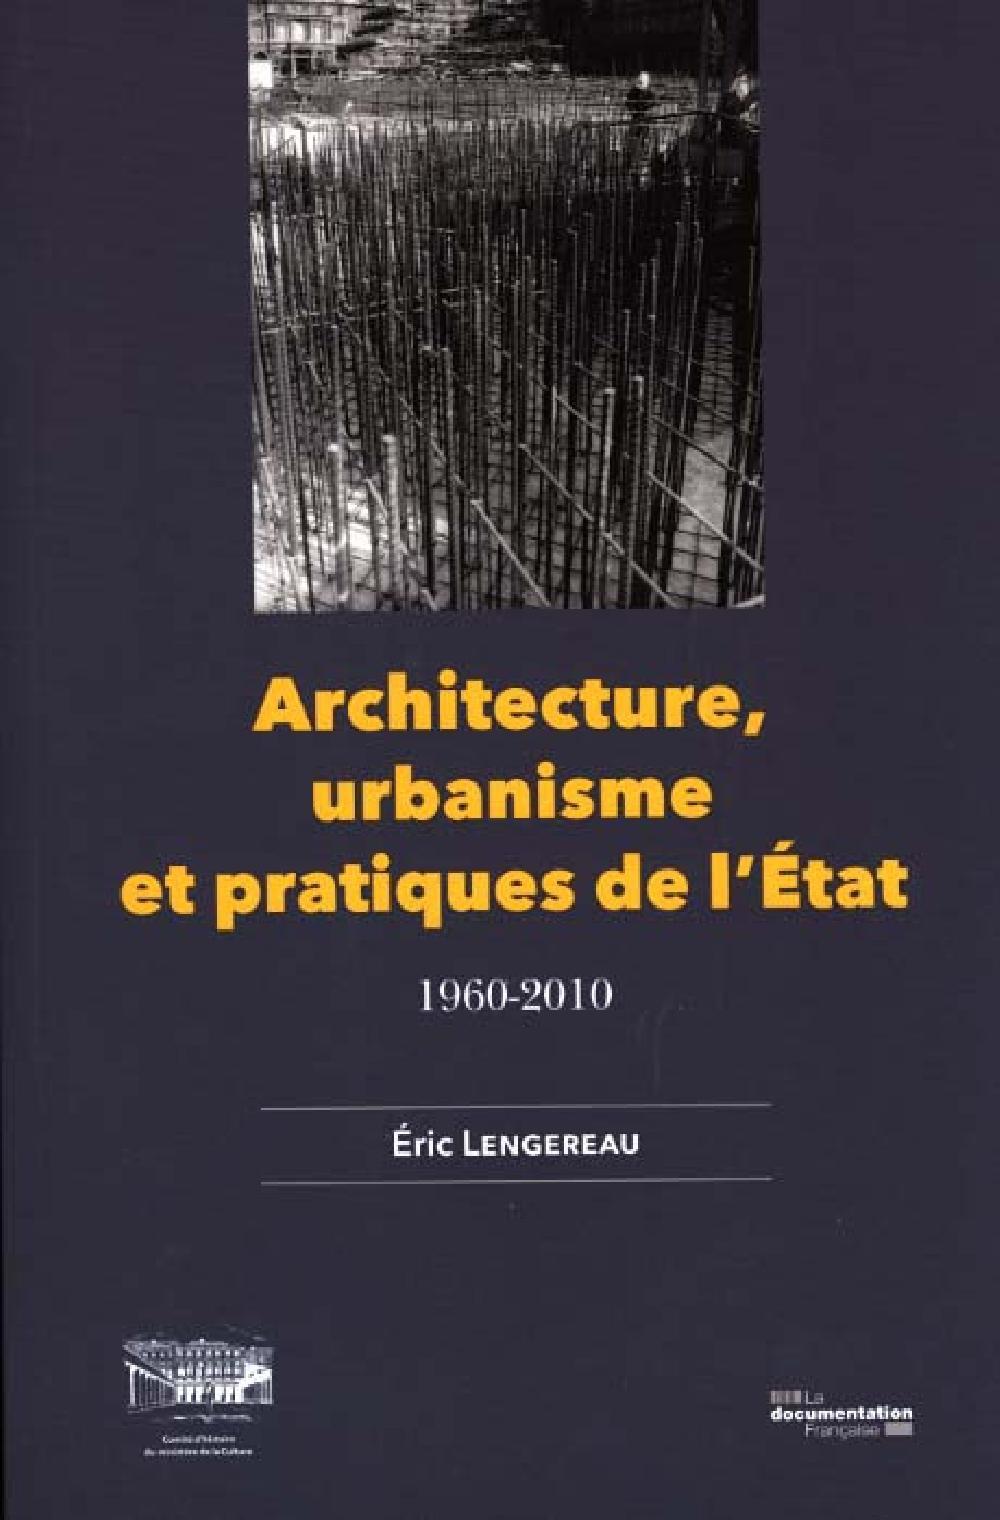 Architecture, urbanisme et pratiques de l'Etat, 1960-2010 - 1960-2010